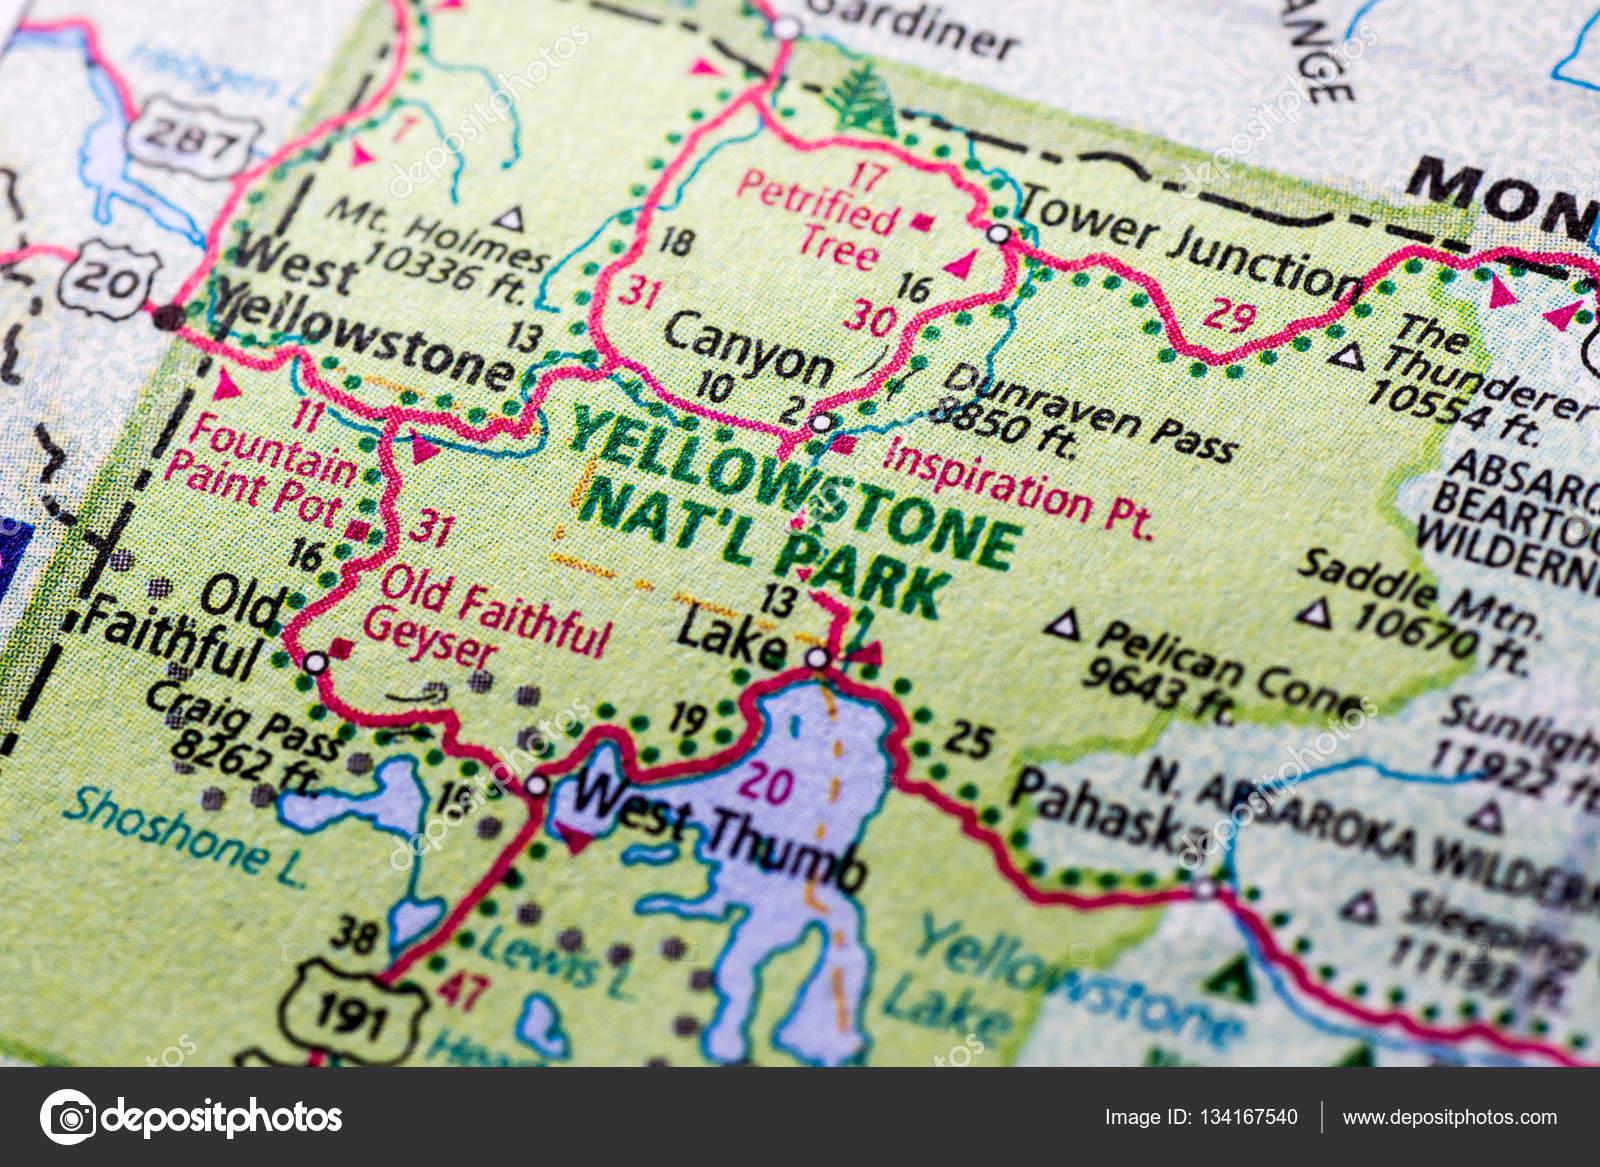 Parque De Yellowstone En El Mapa Fotos De Stock C Woodkern 134167540